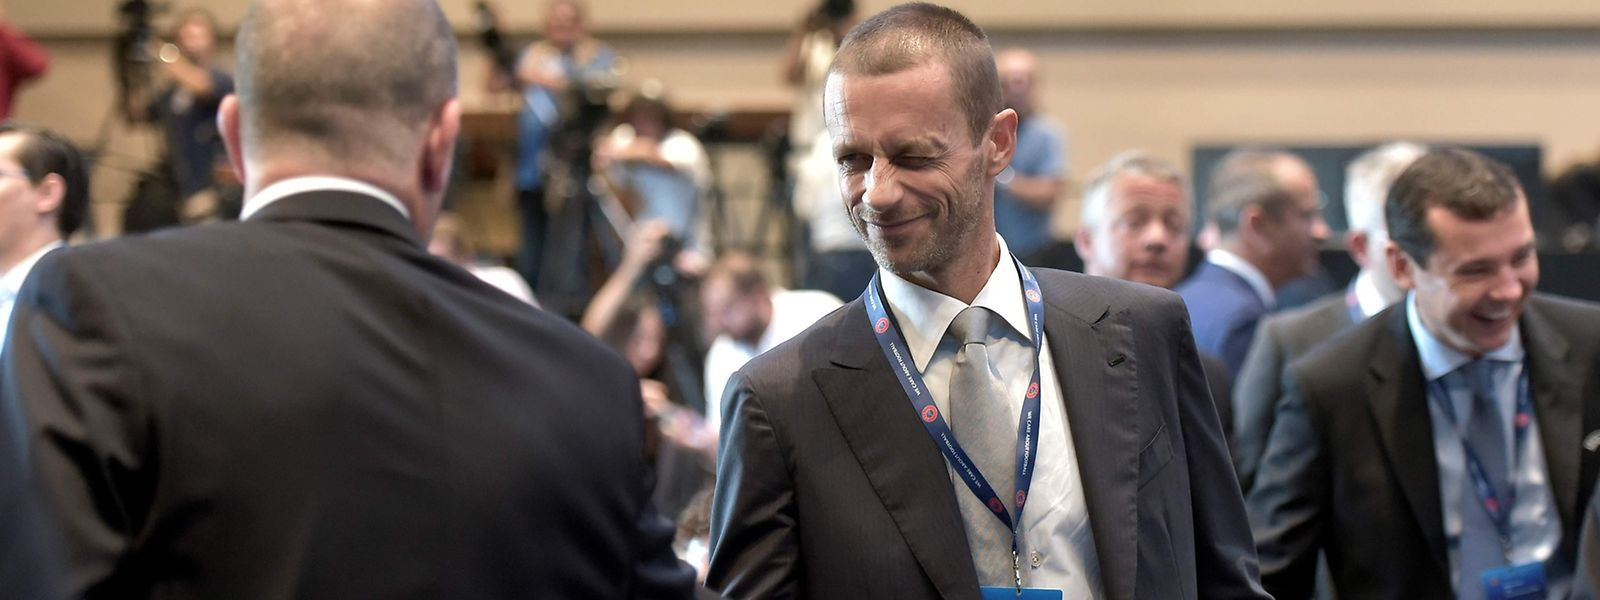 Aleksander Ceferin hat einen lockeren Wahlsieg eingefahren.